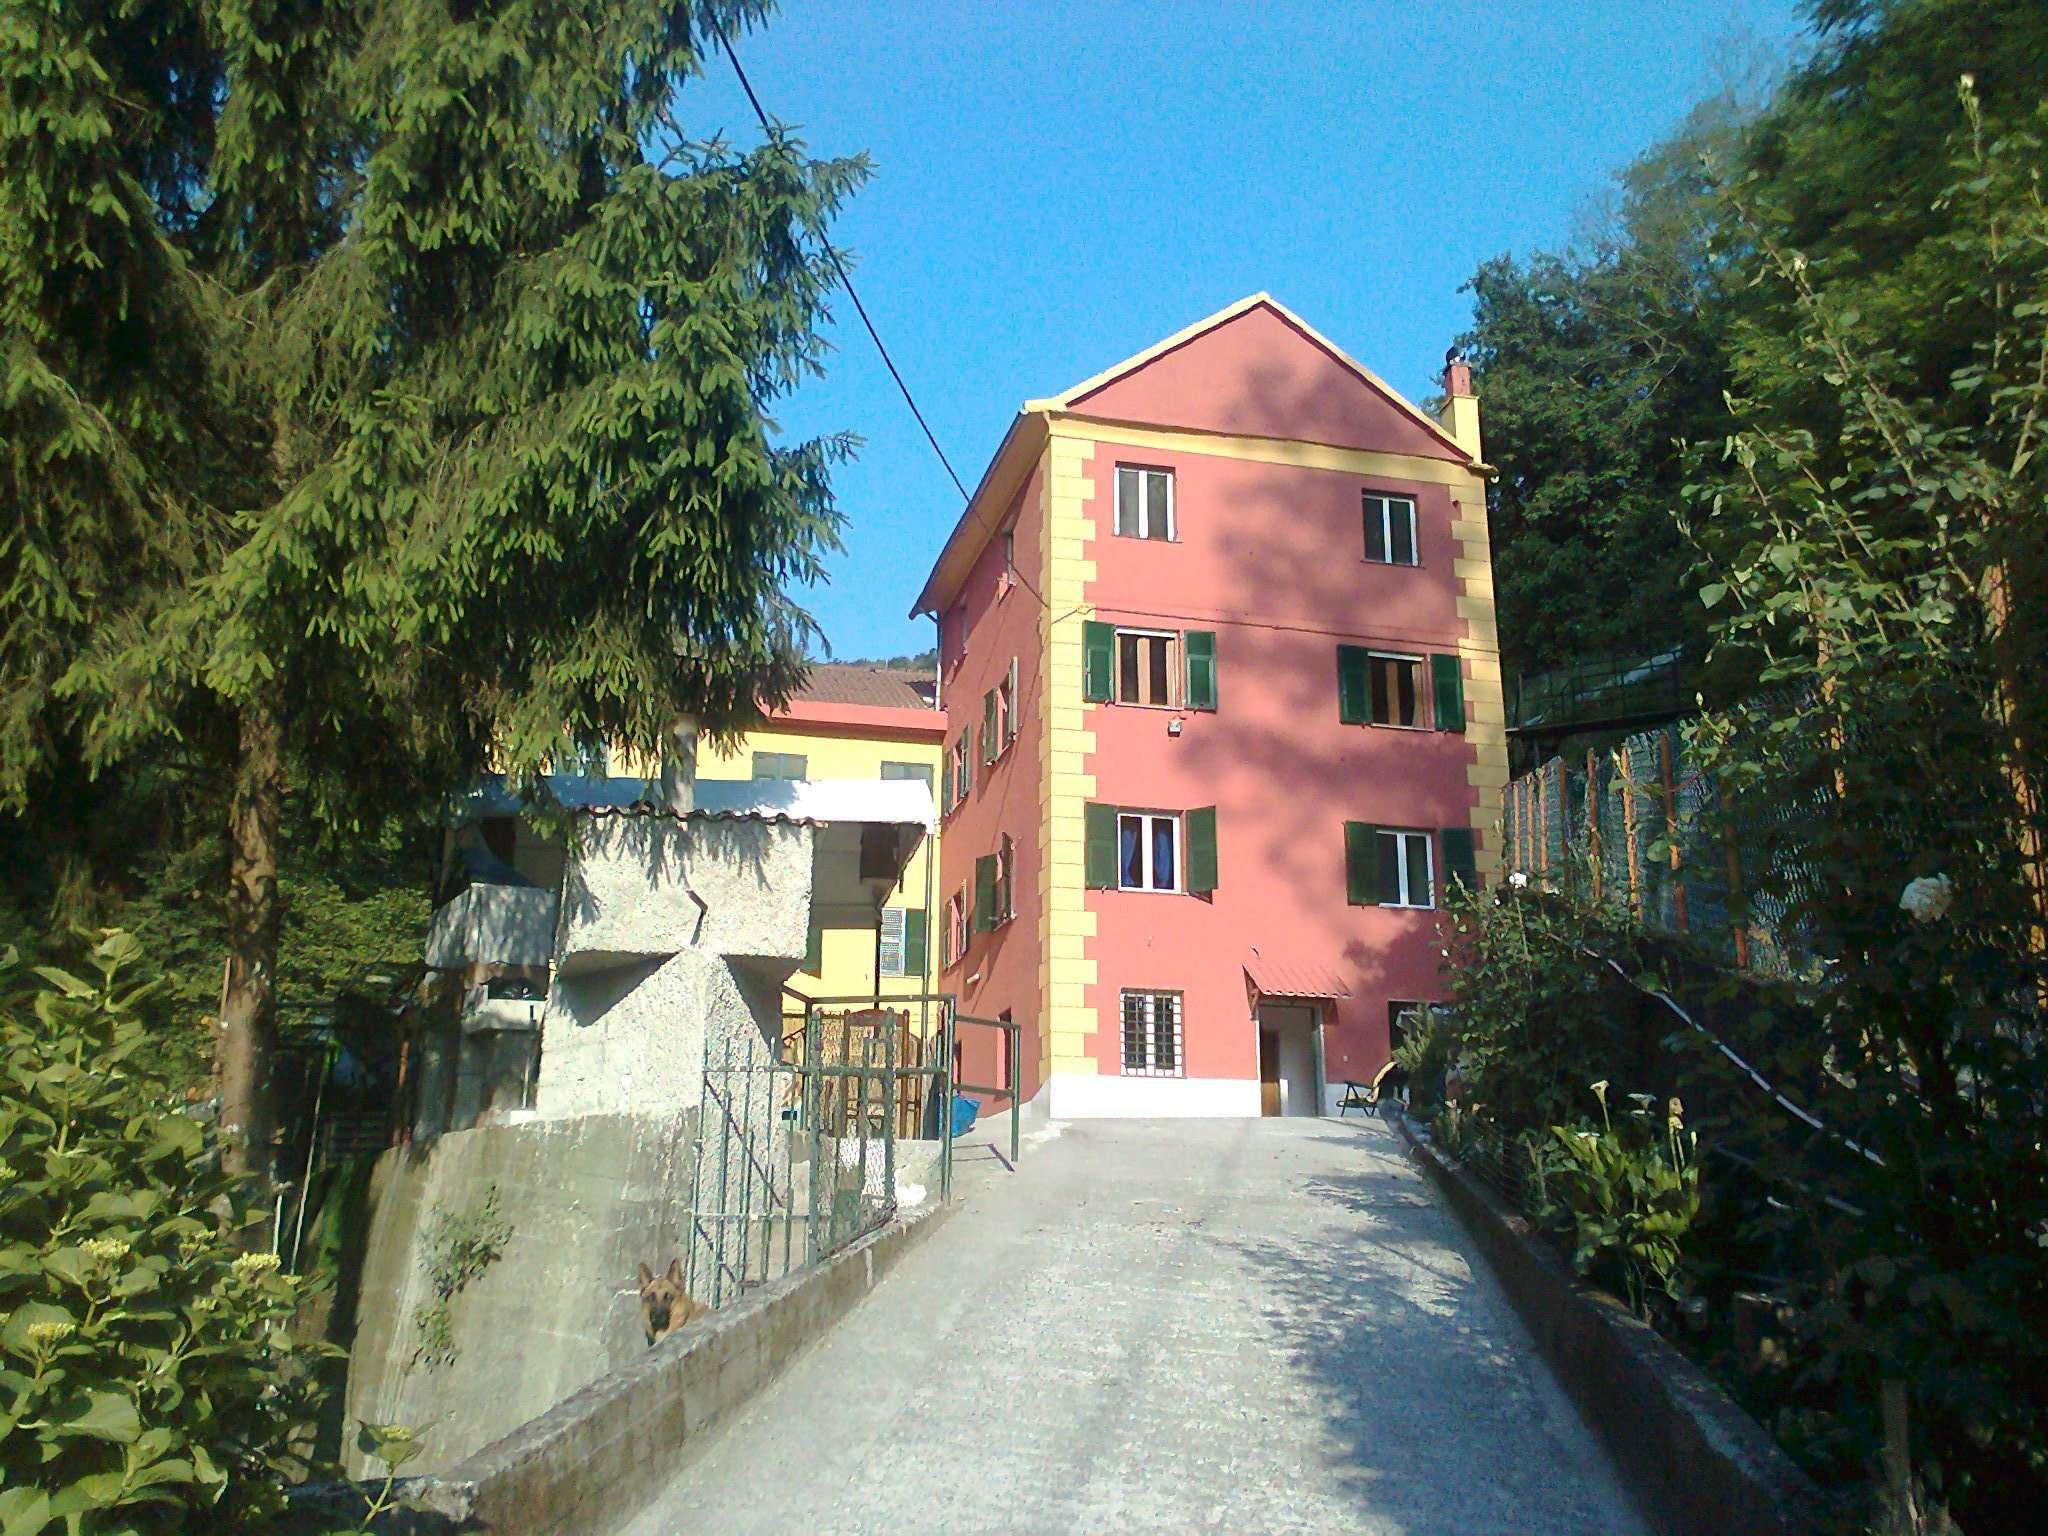 Appartamento in vendita a Ceranesi, 4 locali, prezzo € 50.000 | CambioCasa.it